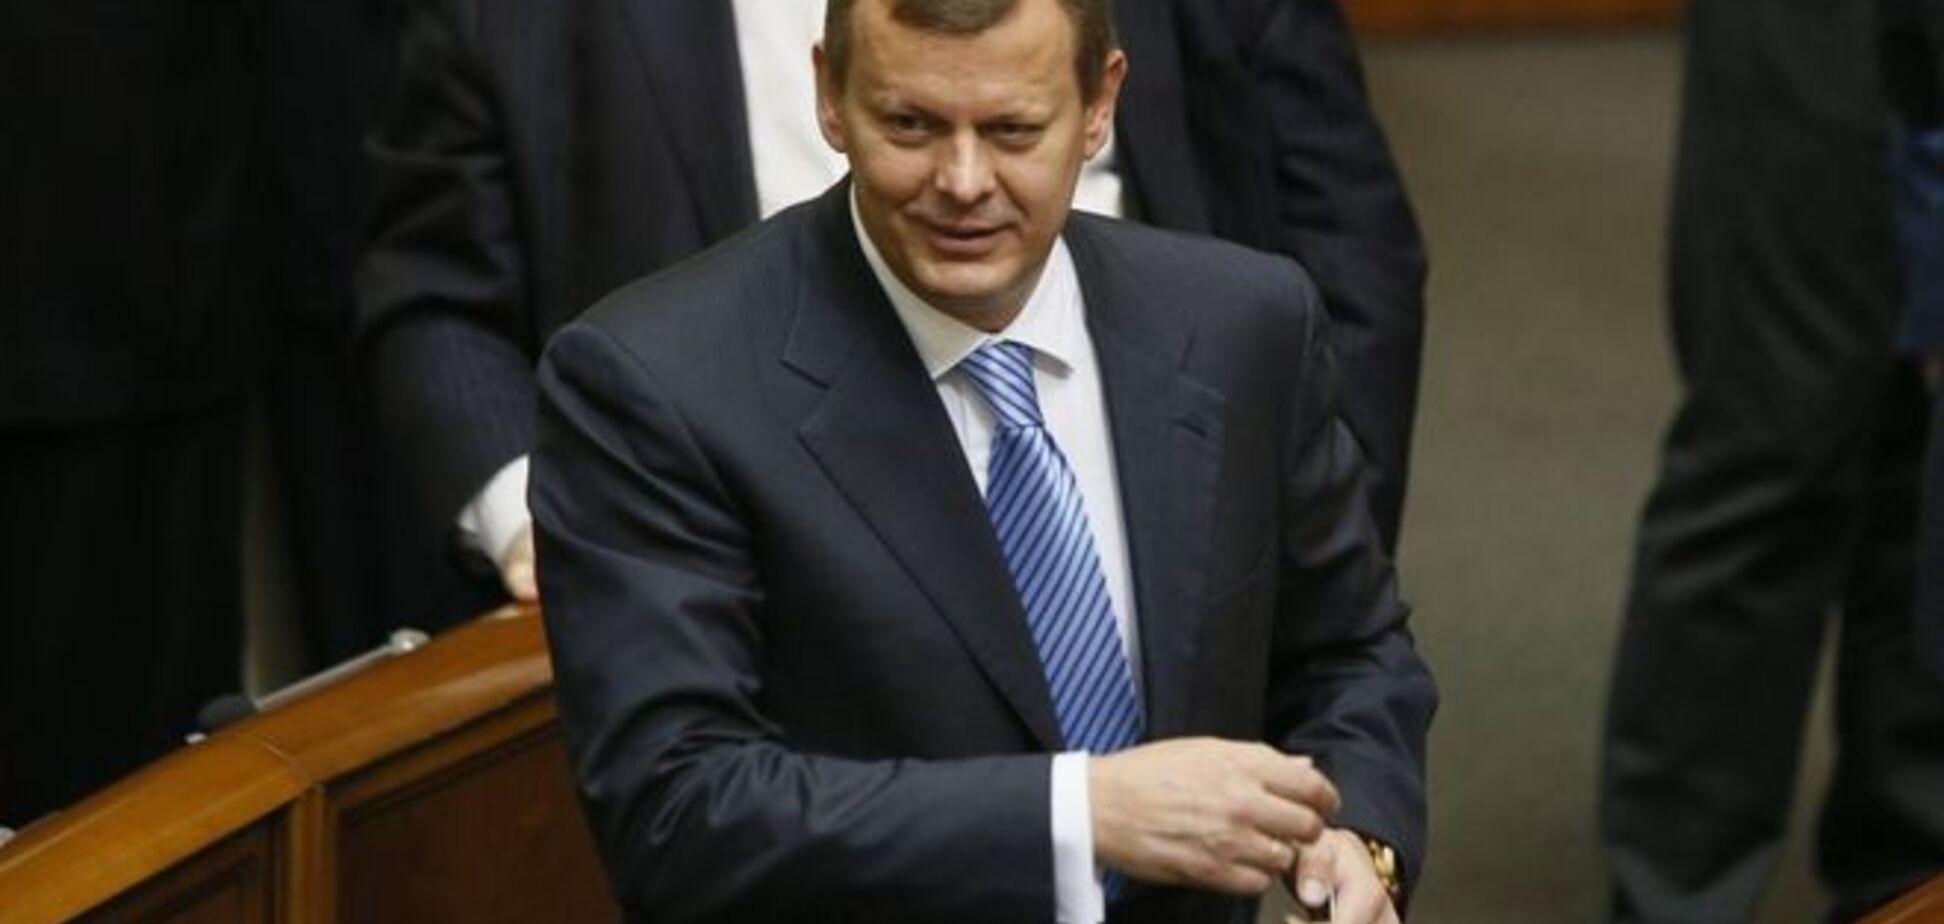 ГПУ подготовила уведомление о подозрении Януковичу из-за взятки от Клюева